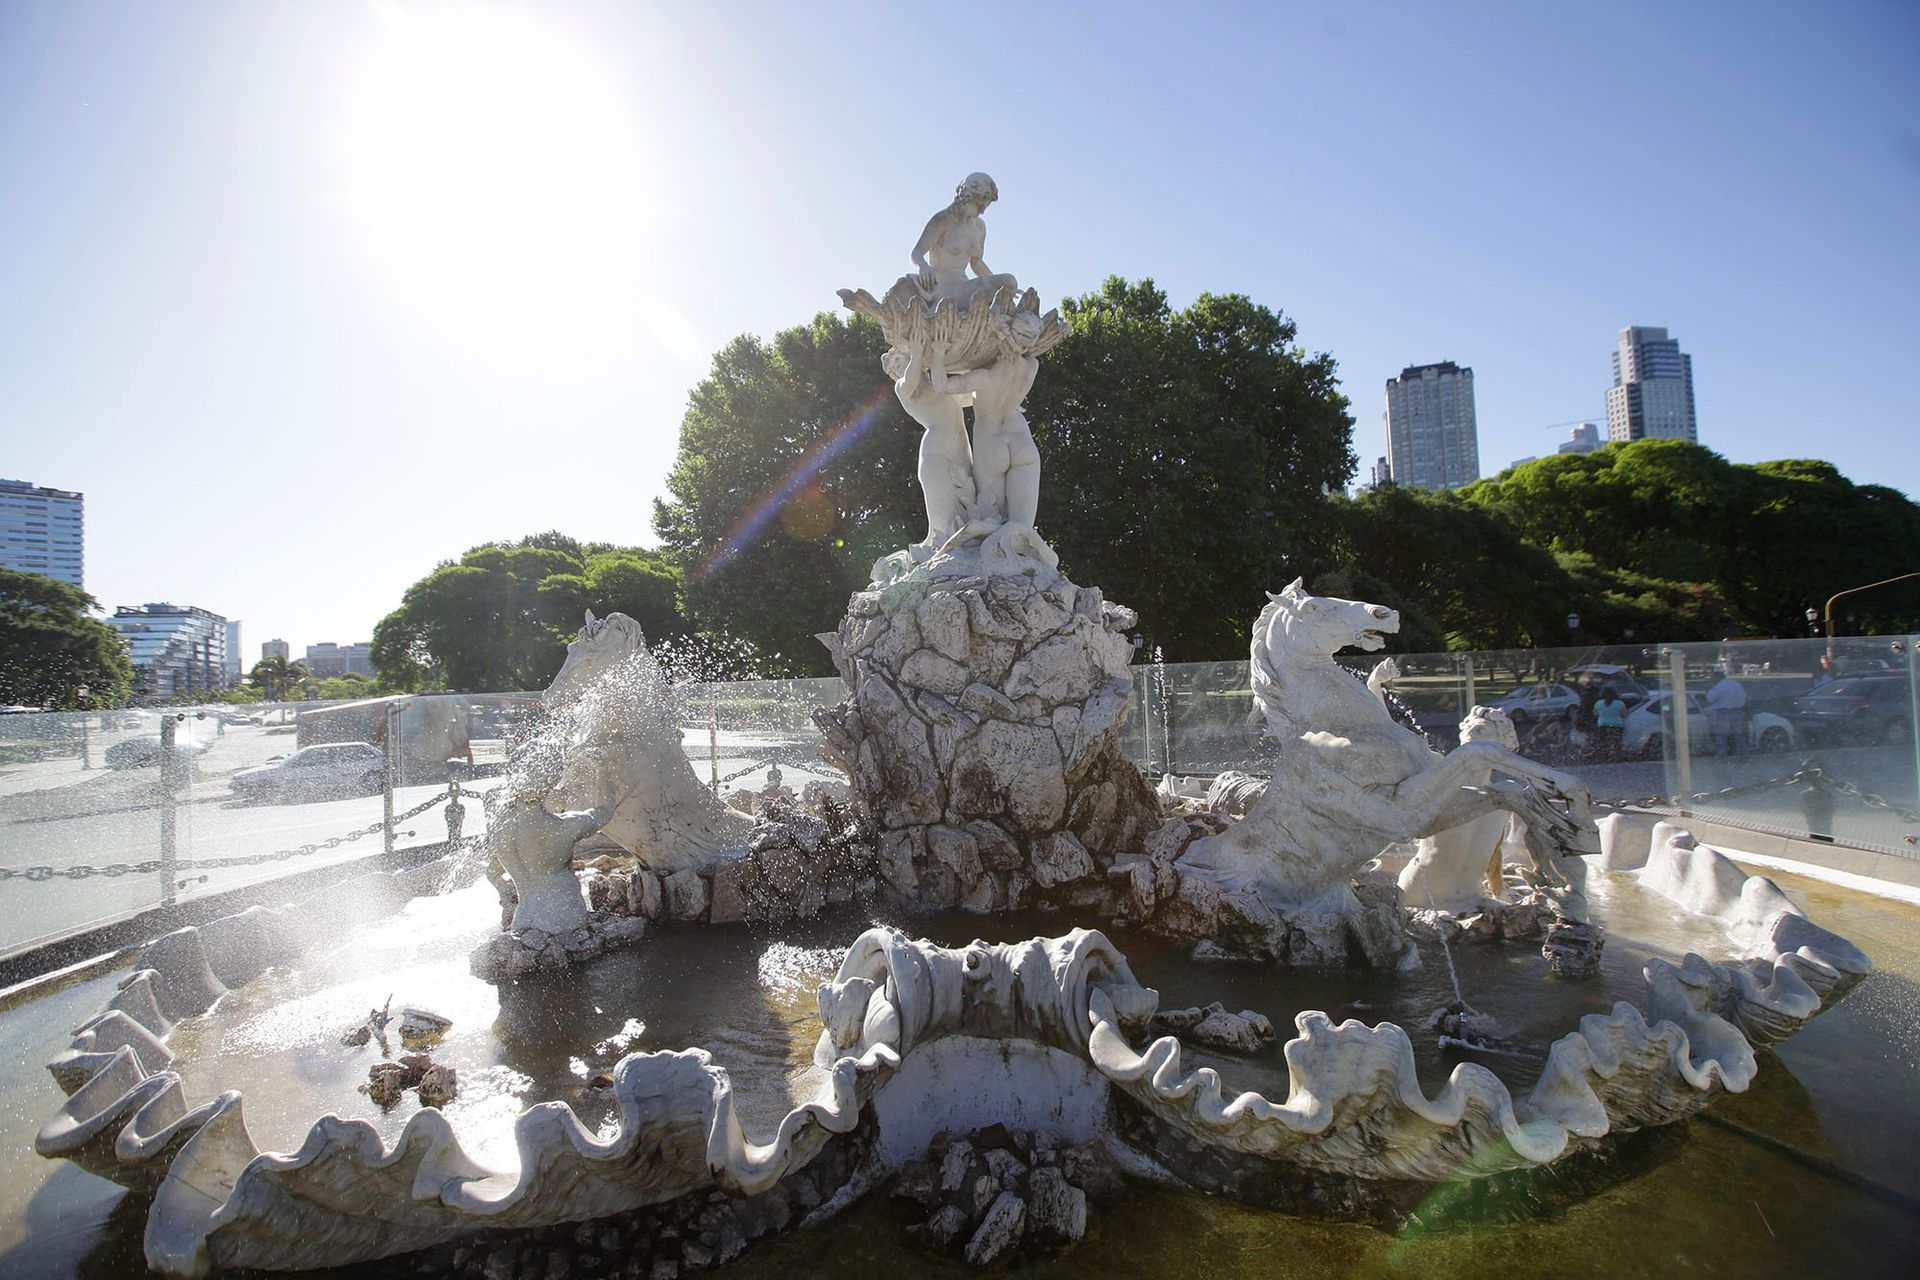 La fuente de Las Nereidas, en la Costanera Sur, fue criticada por los desnudos de las figuras